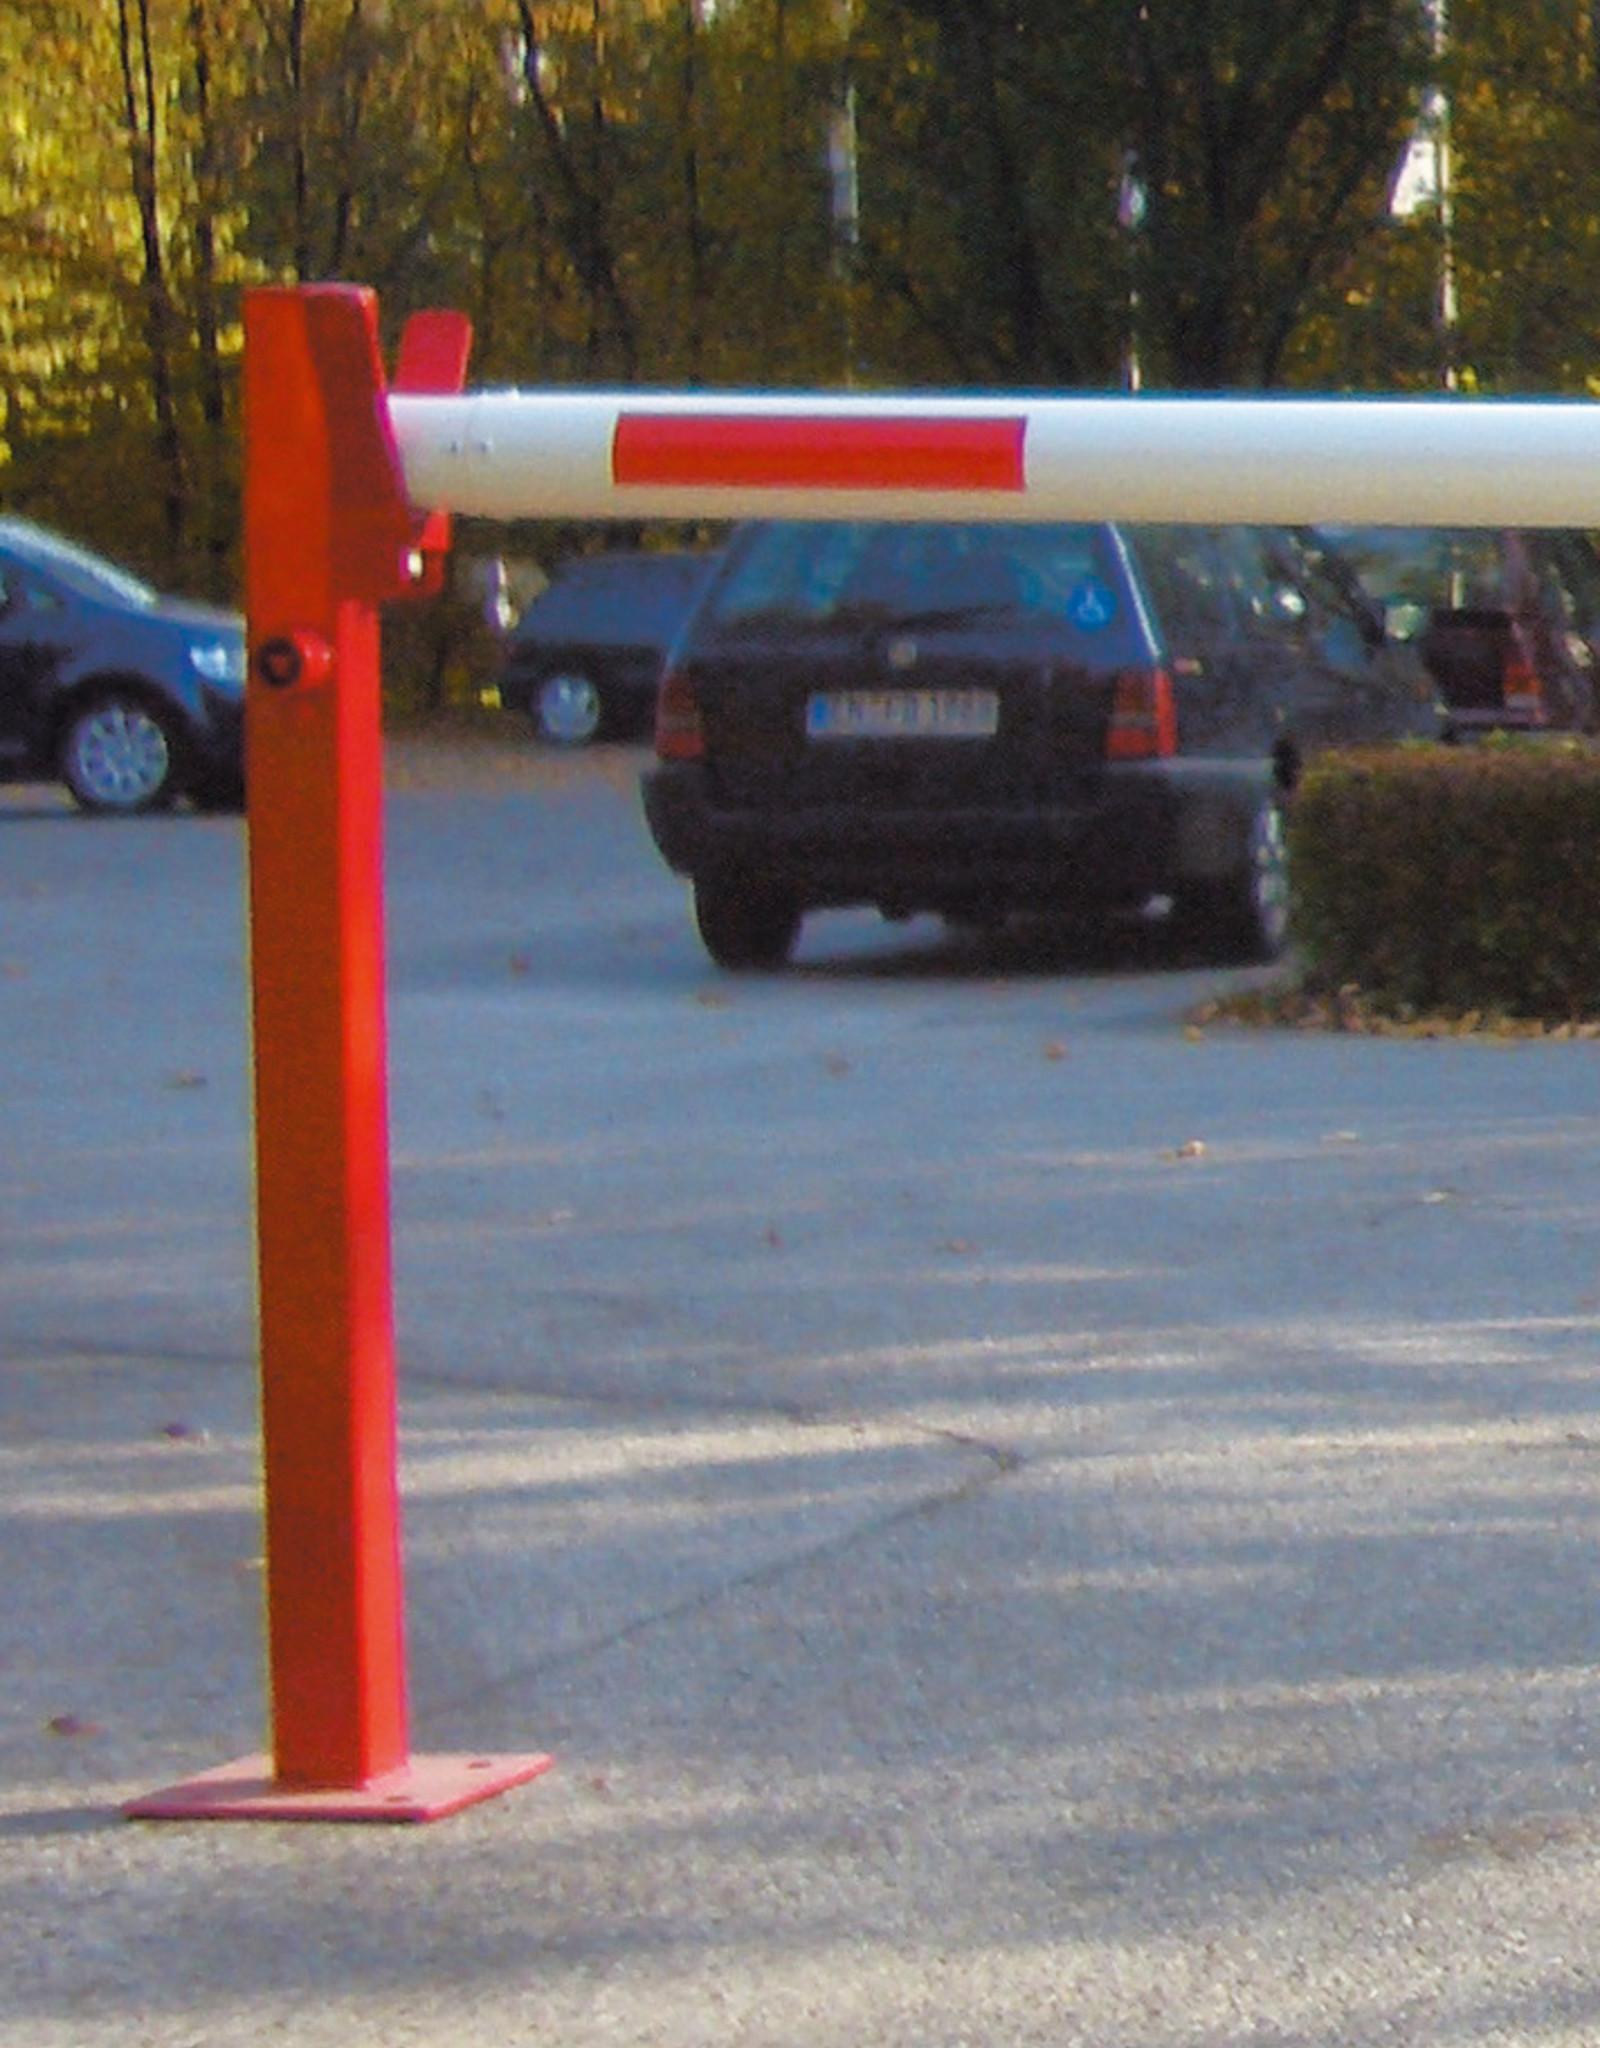 Verkeerswinkel.nl | Slagboom 300 cm tot 700 cm, incl. Staander, Gasveer en Driekantslot